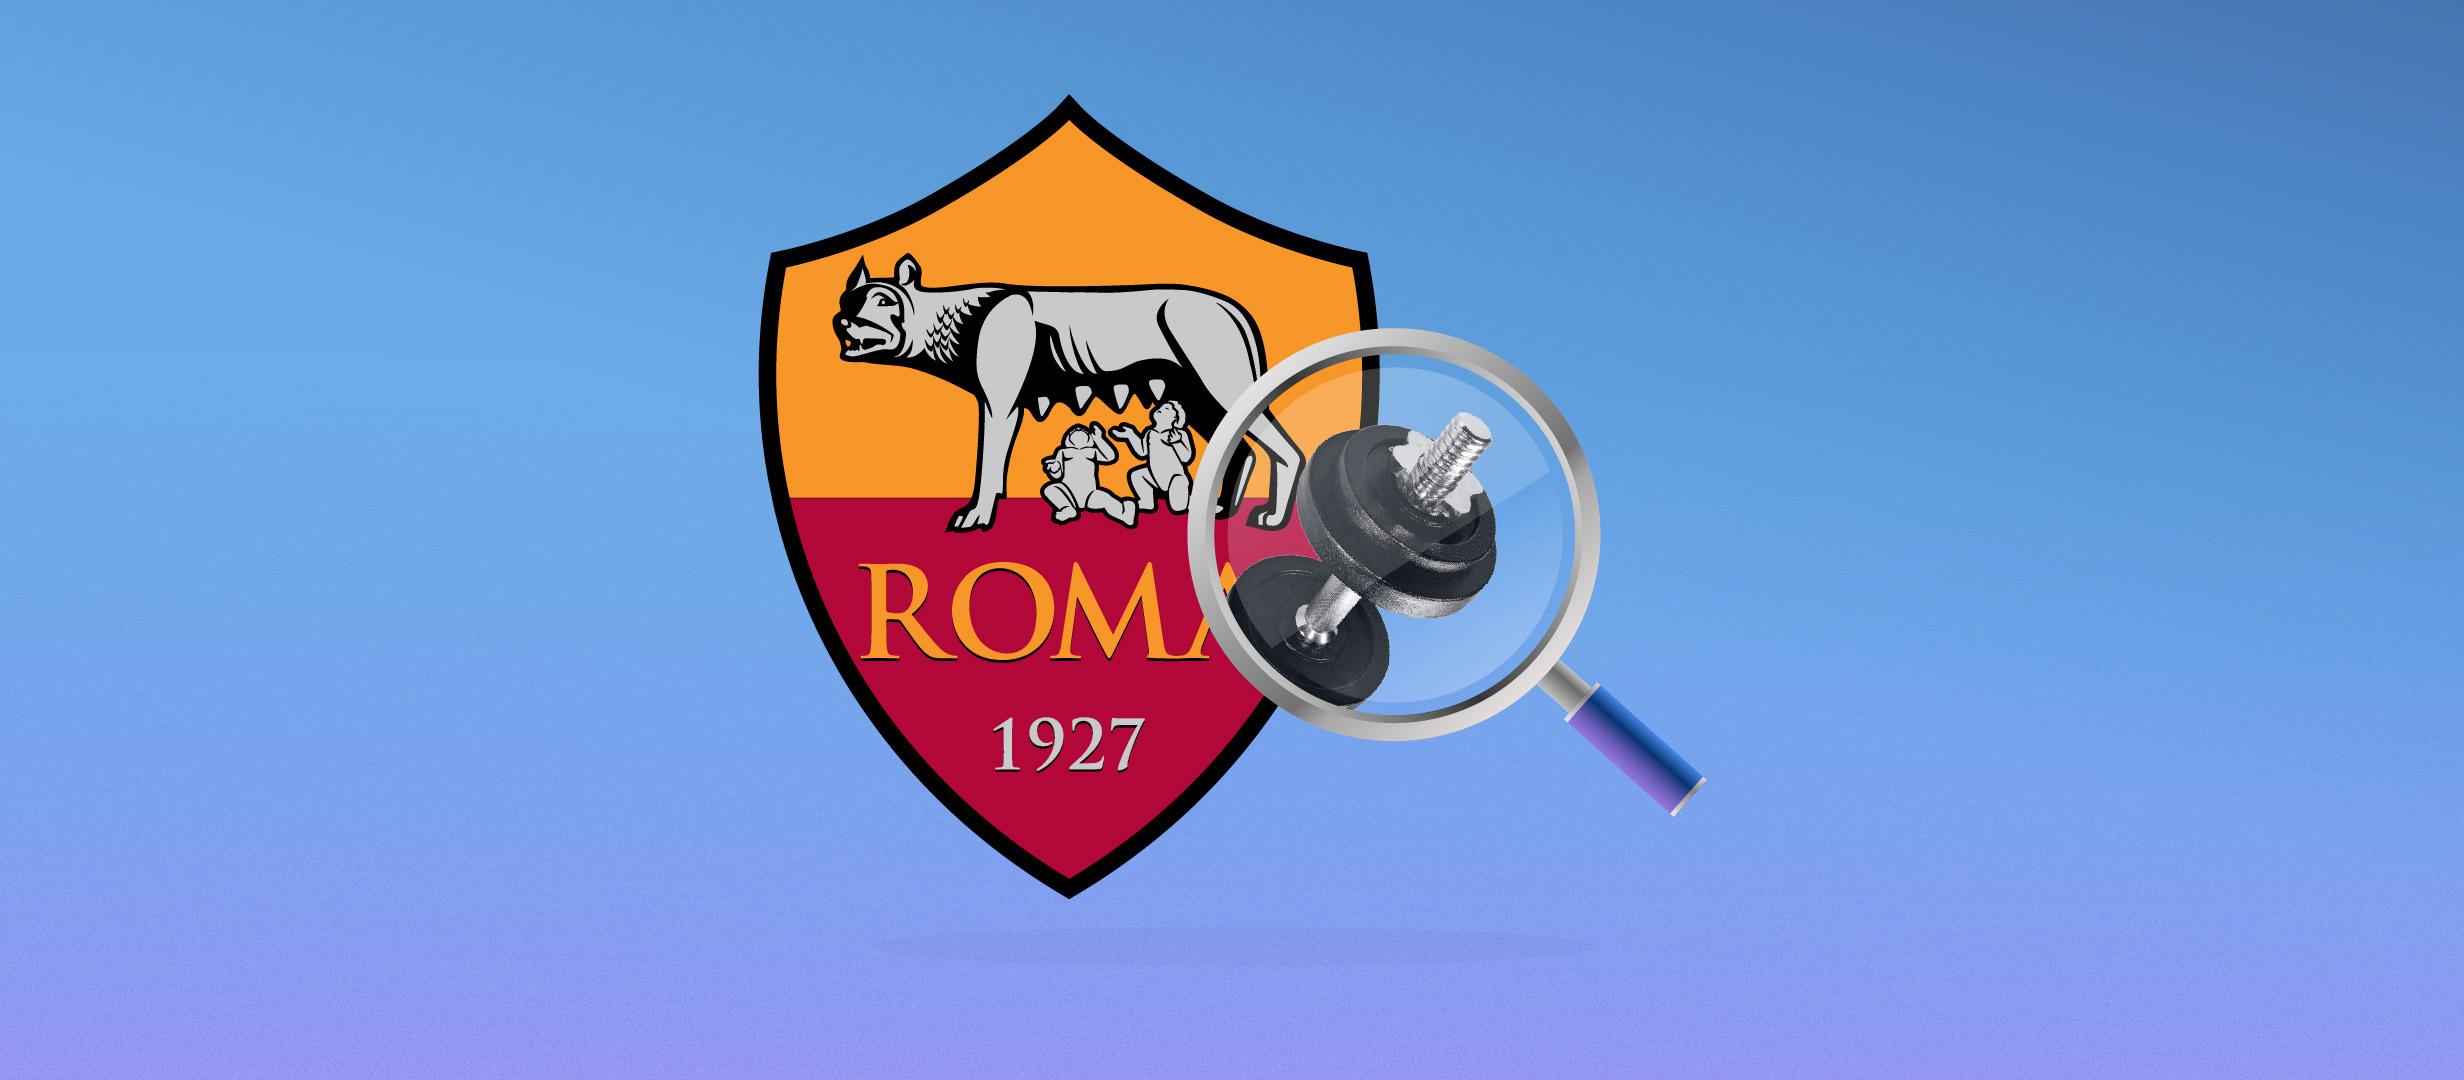 Первые сезоны позднего Моуринью: что ставить в матчах «Ромы»?